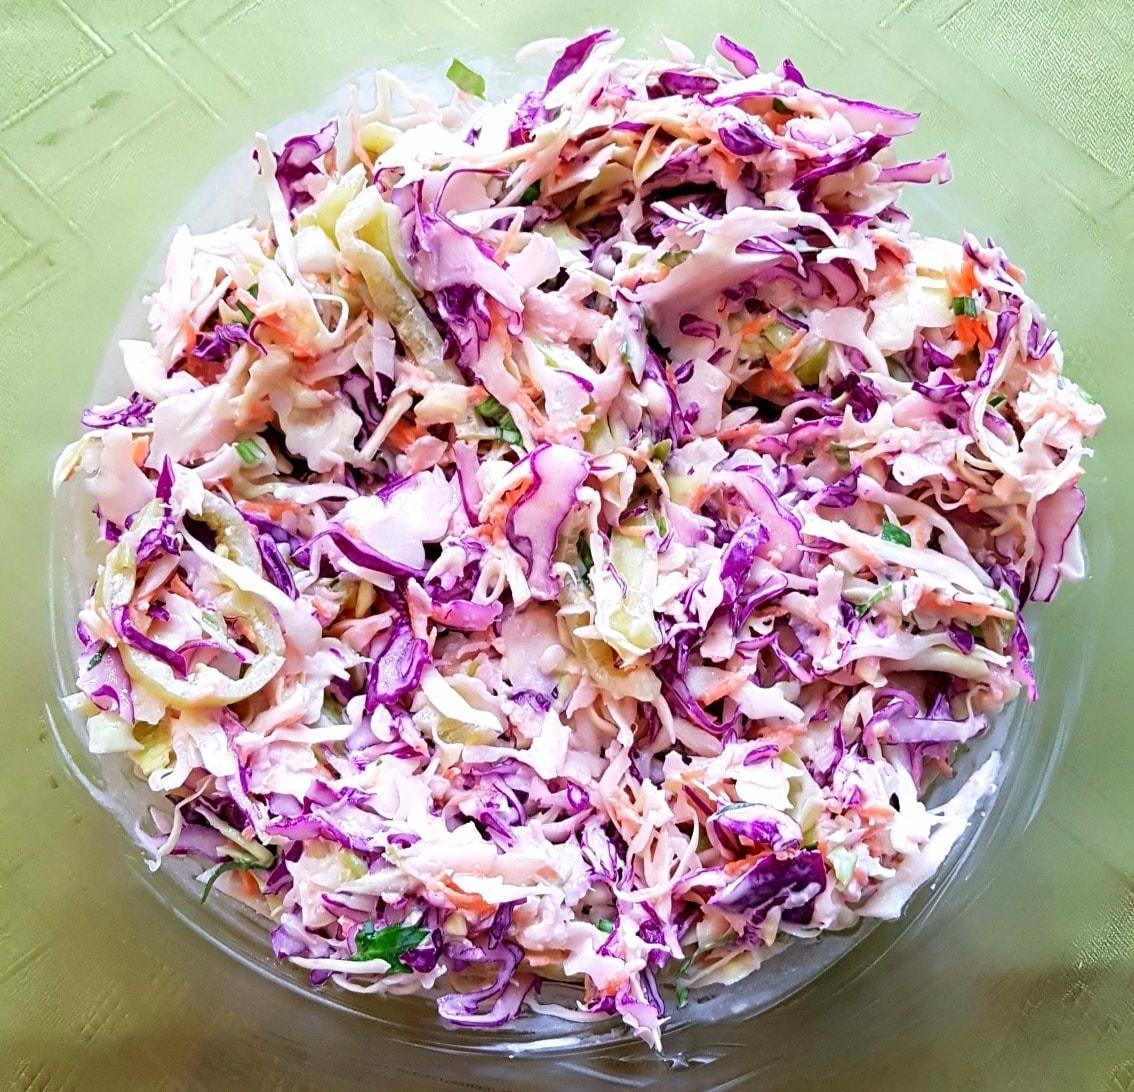 Σαλάτα_ με λάχανο _και μαγιονέζα_Συνταγή_